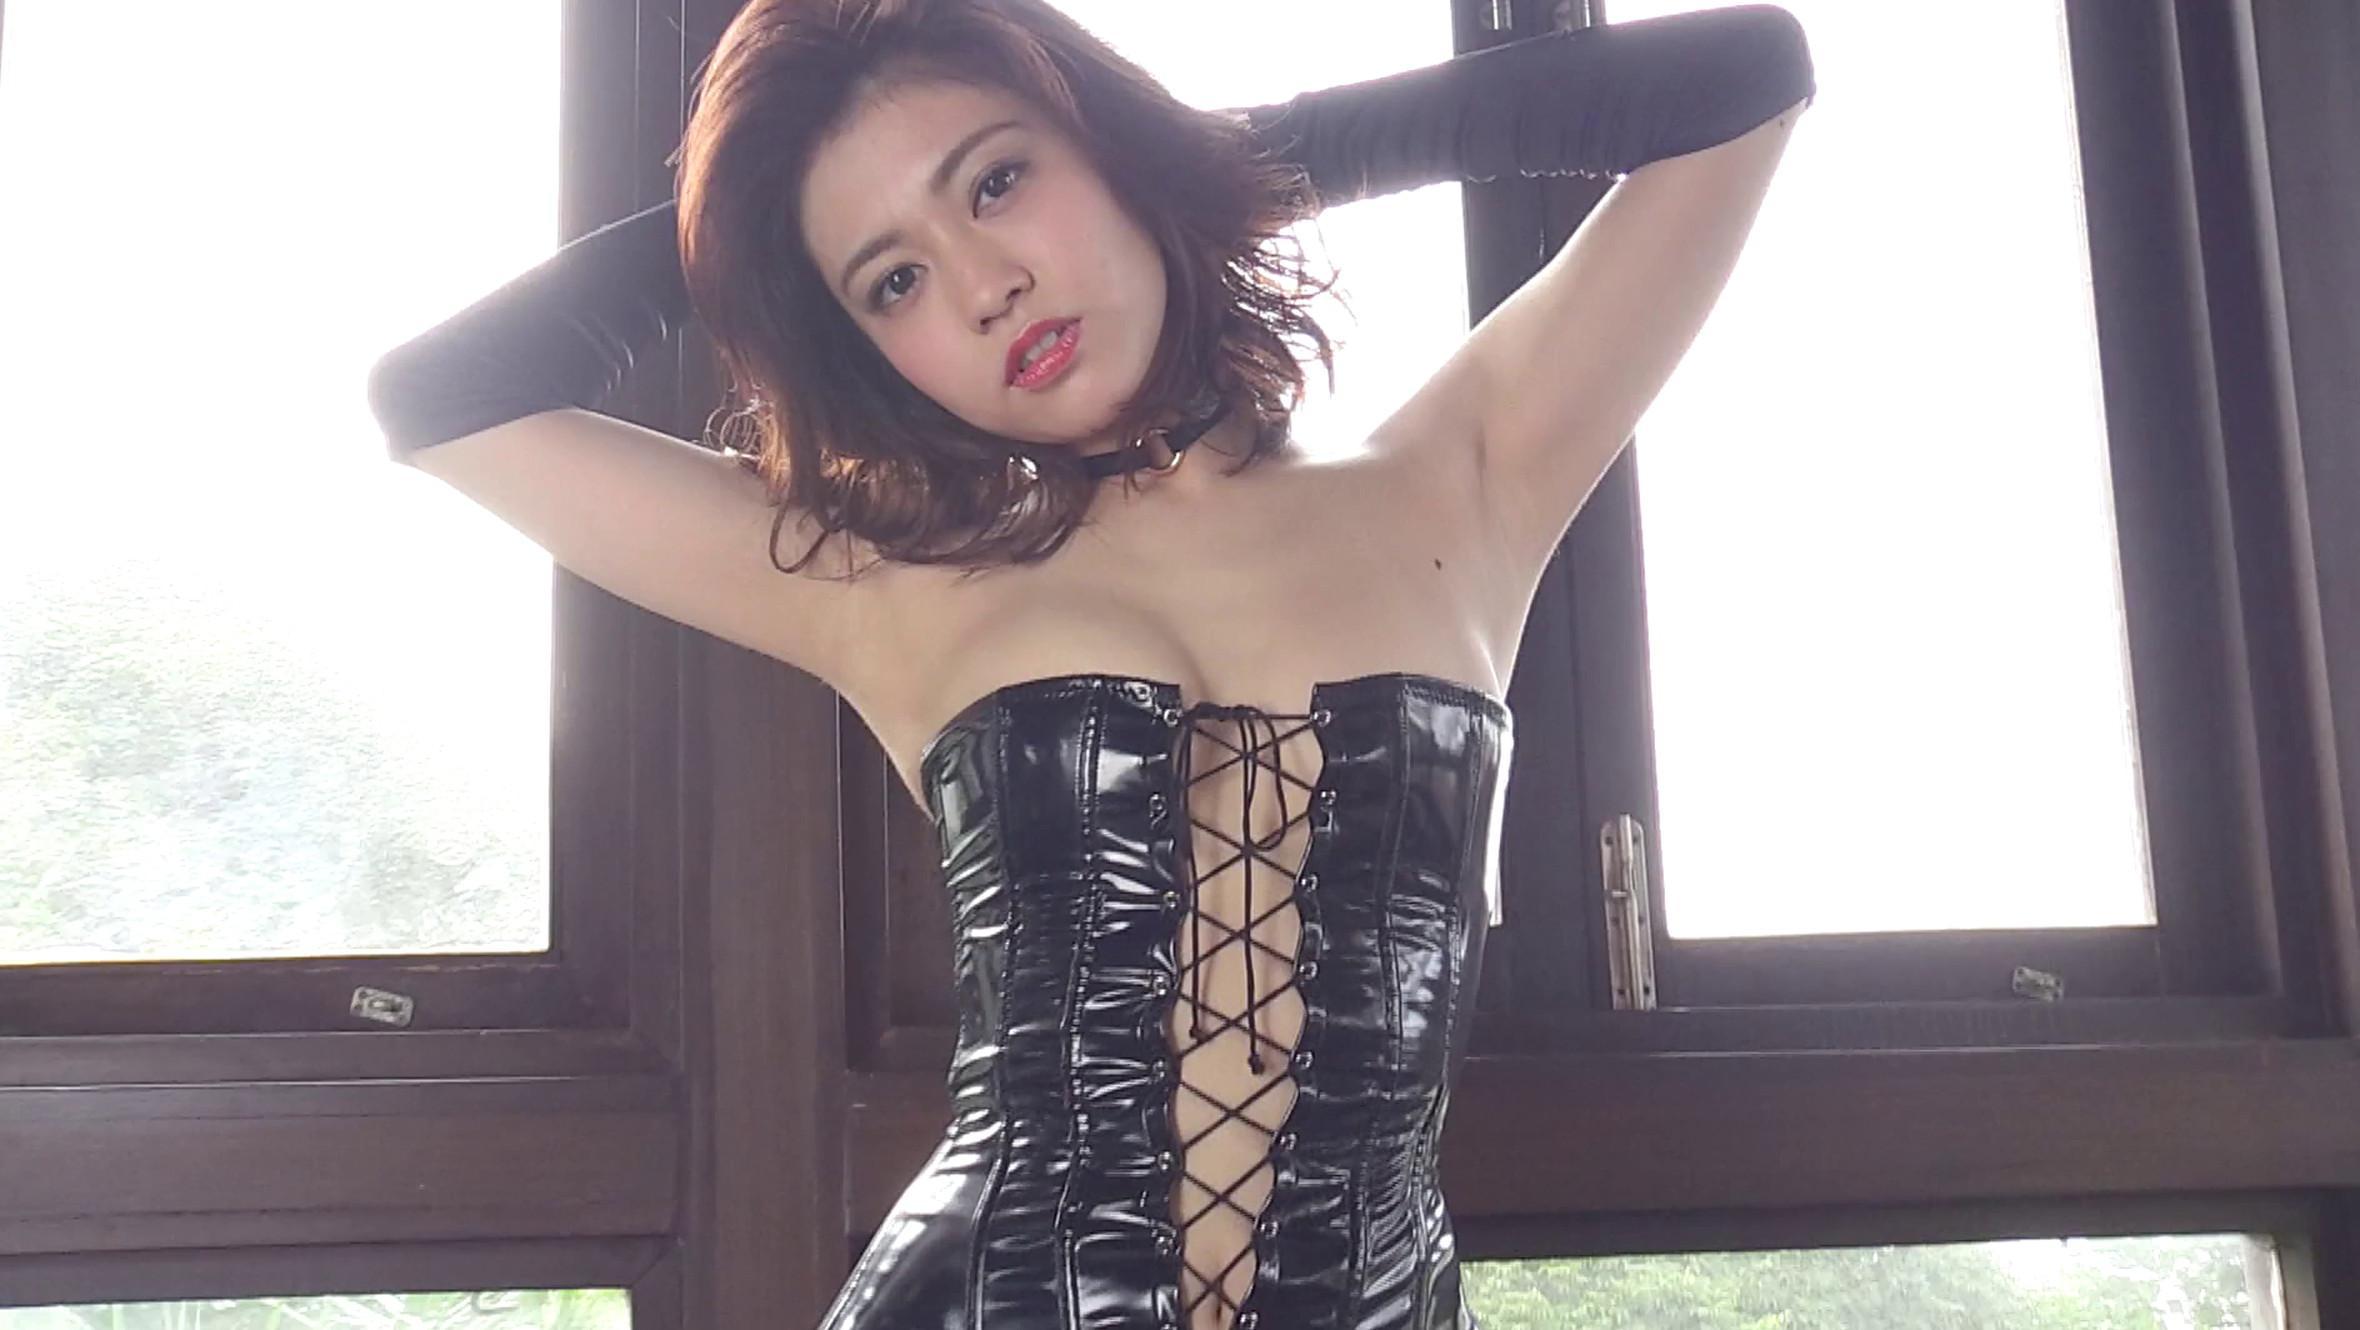 グラドルの大澤玲美ちゃんがセクシーなコスセット衣装を着用している画像